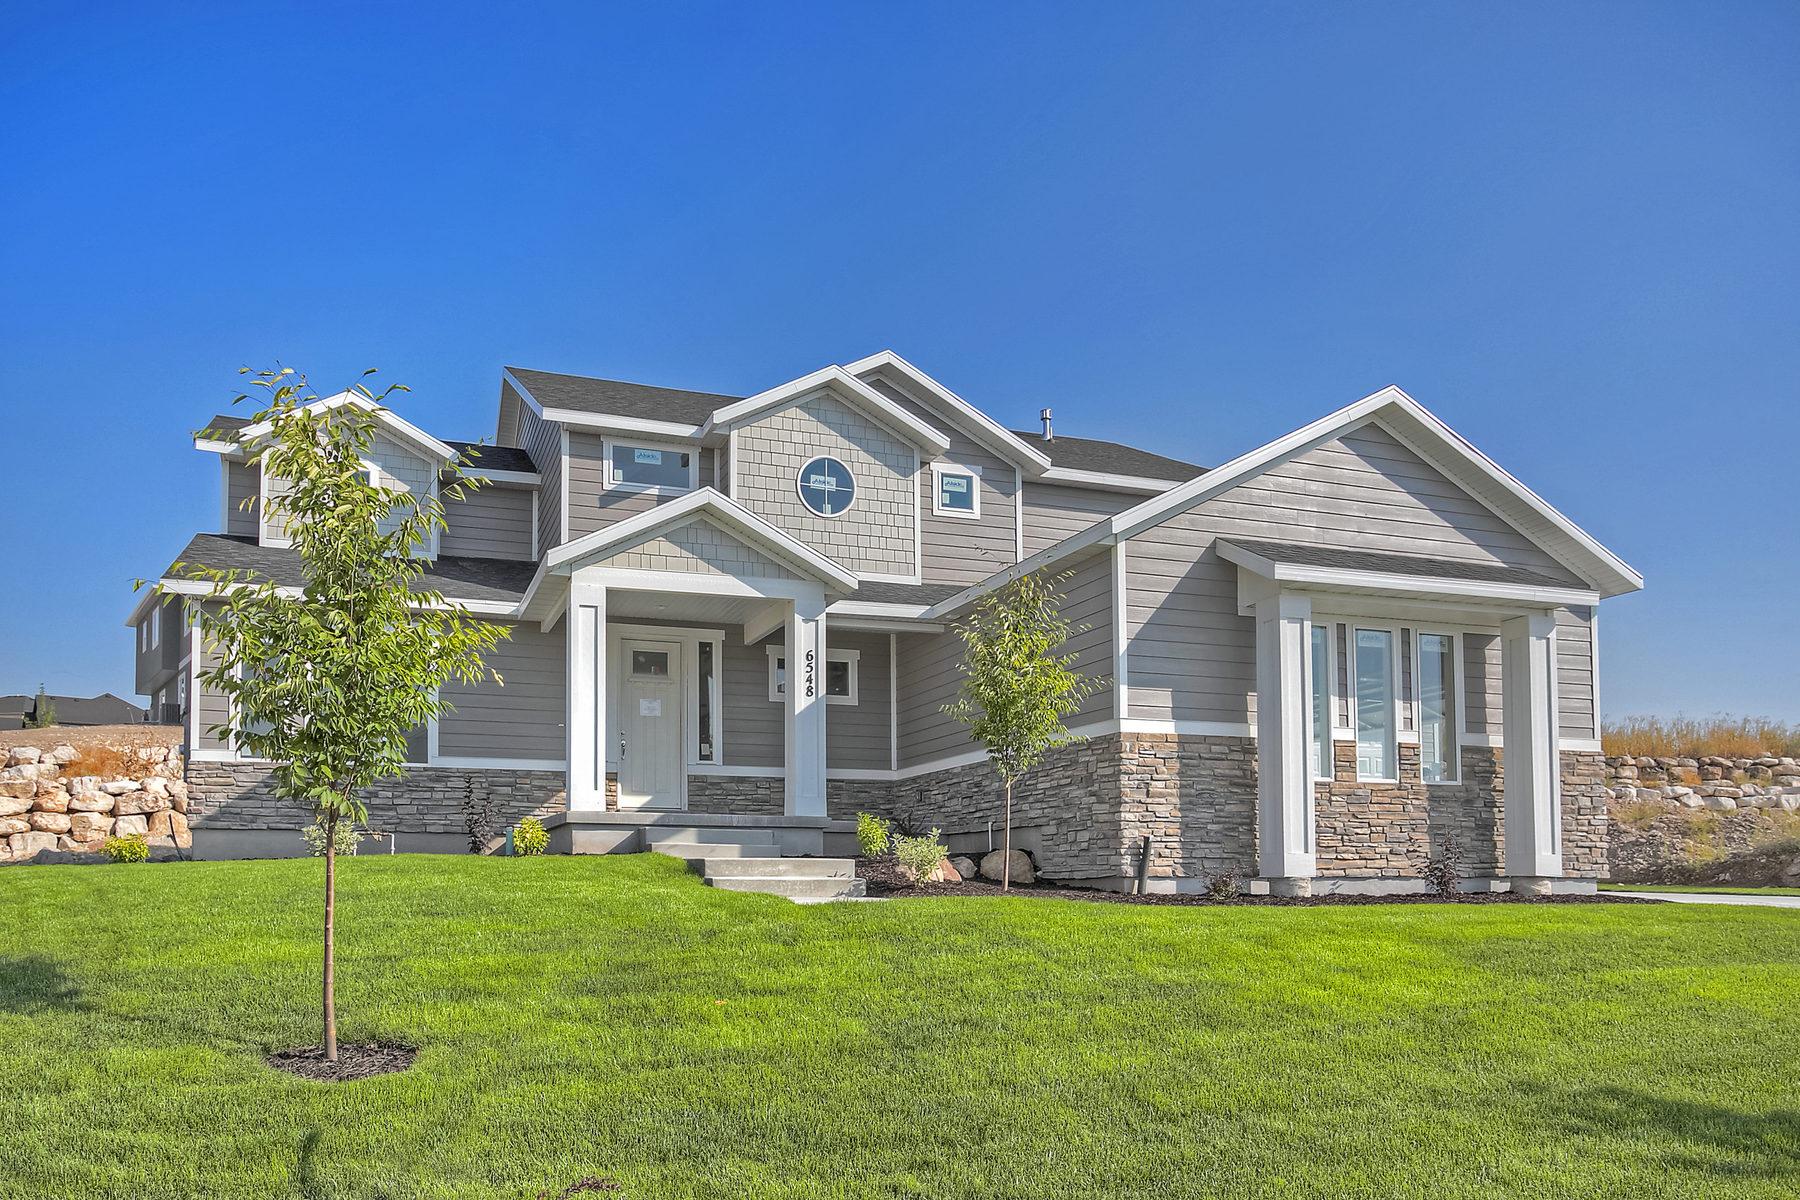 独户住宅 为 销售 在 Lake City Custom Homes Lake Bay Plan 6458 W Chan Reese Dr Lot #1020 West Jordan, 犹他州 84081 美国